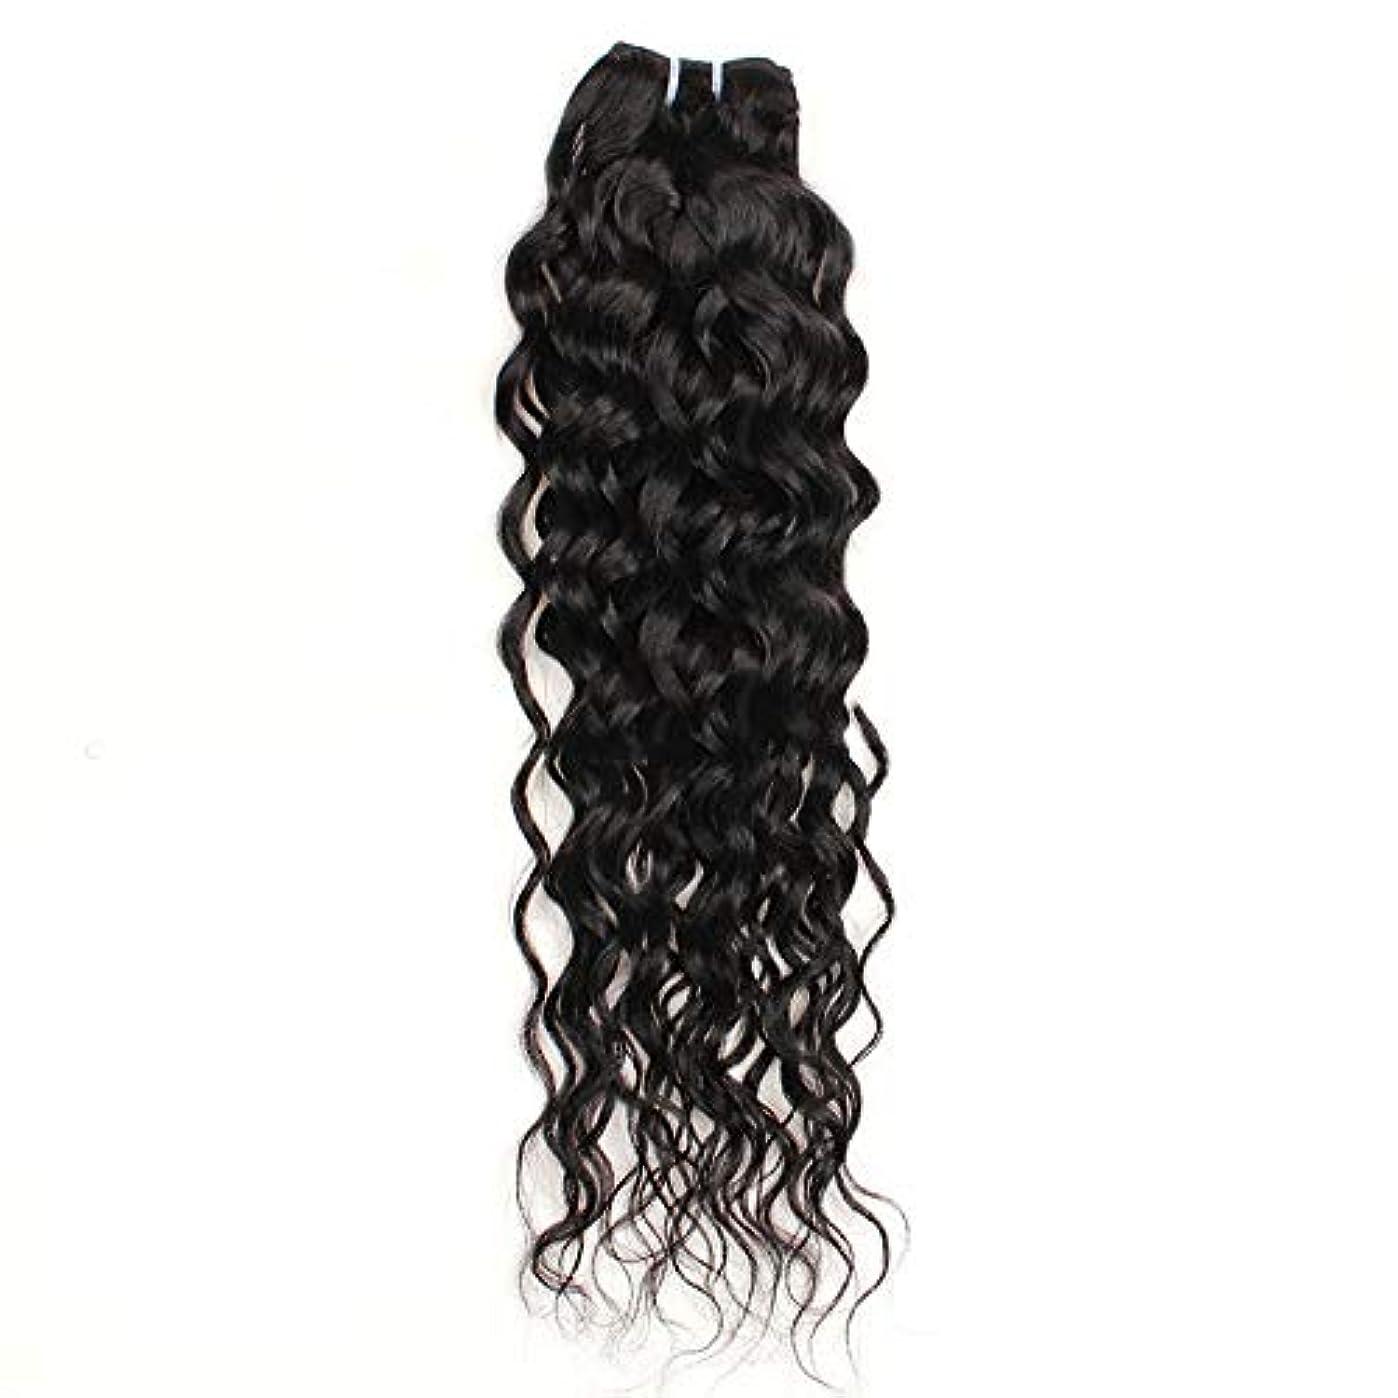 ソーダ水シード驚いたことにHOHYLLYA 10インチ-26インチブラジルリアル人間の髪の毛7Aウォーターウェーブヘアエクステンションナチュラルカラー100g /バンドル合成ヘアレースかつらロールプレイングかつら長くて短い女性自然 (色 : 黒,...